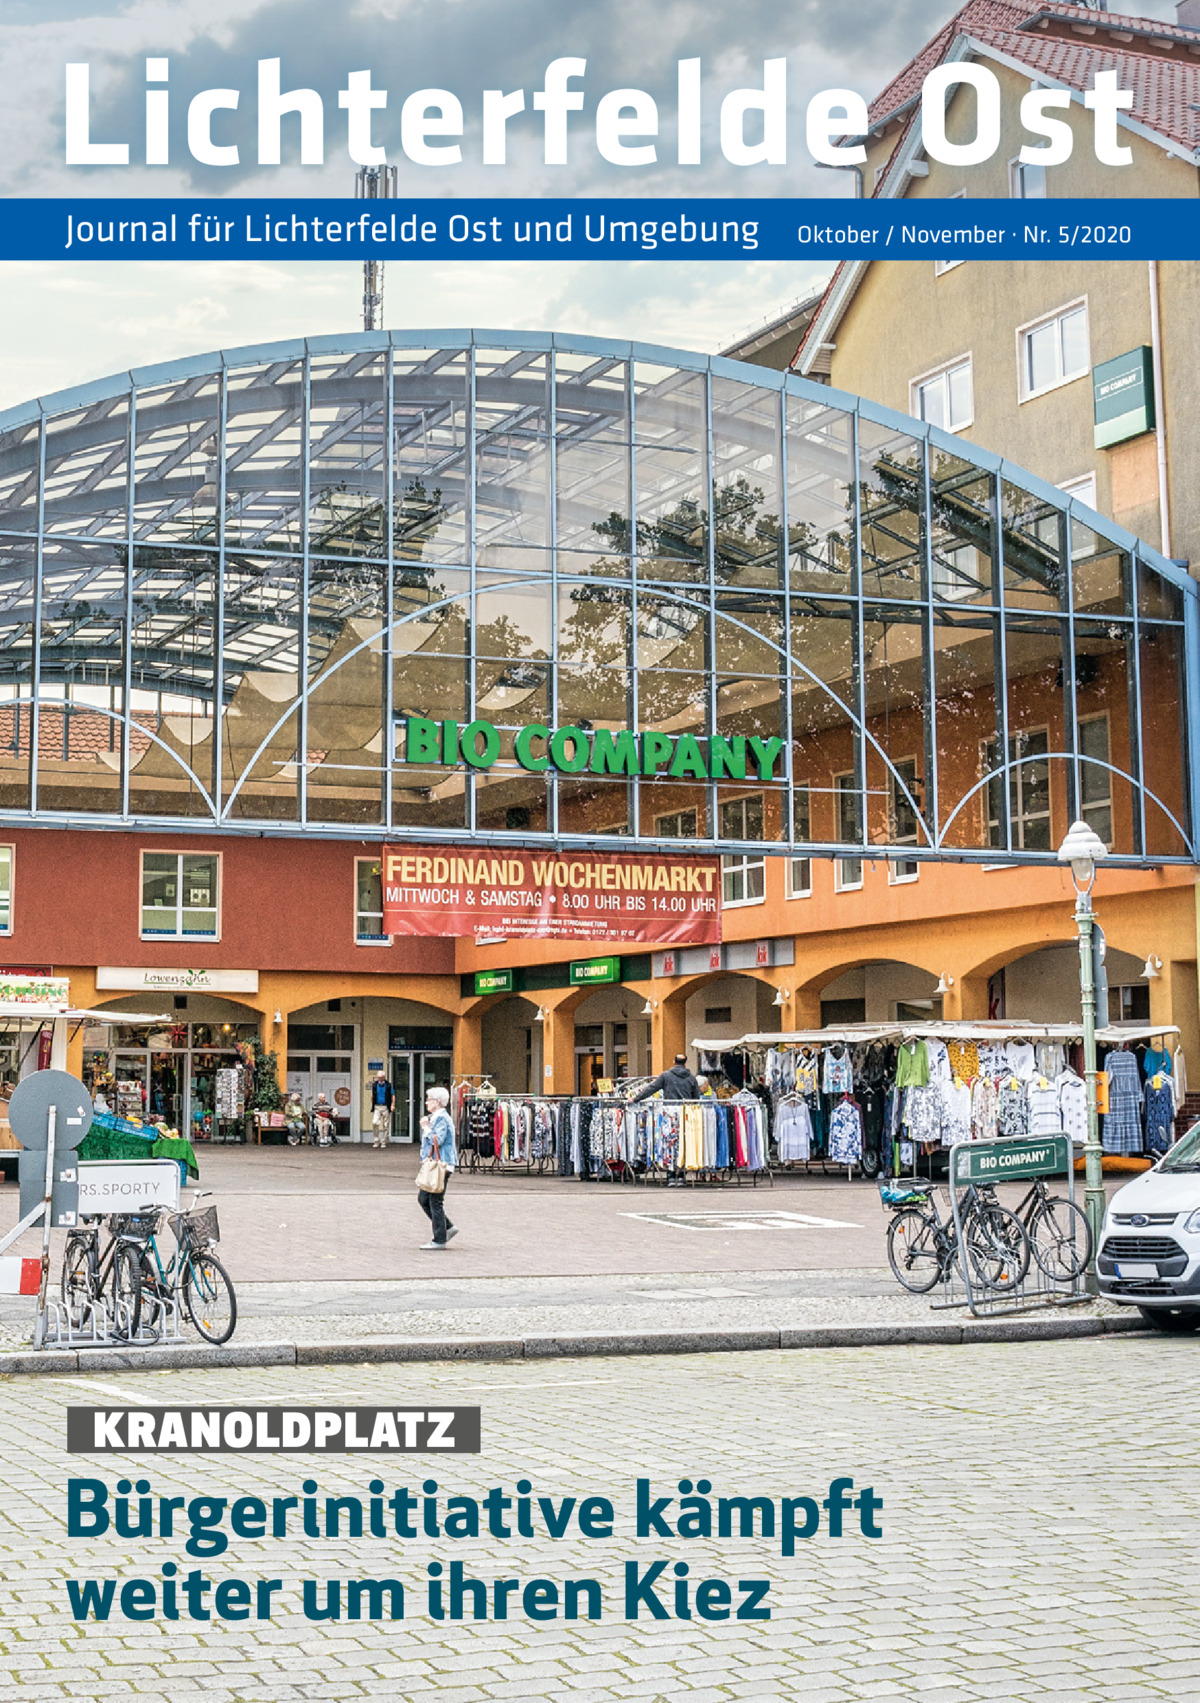 Lichterfelde Ost Journal für Lichterfelde Ost und Umgebung  KRANOLDPLATZ  Oktober / November · Nr. 5/2020  Bürgerinitiative kämpft weiter um ihren Kiez